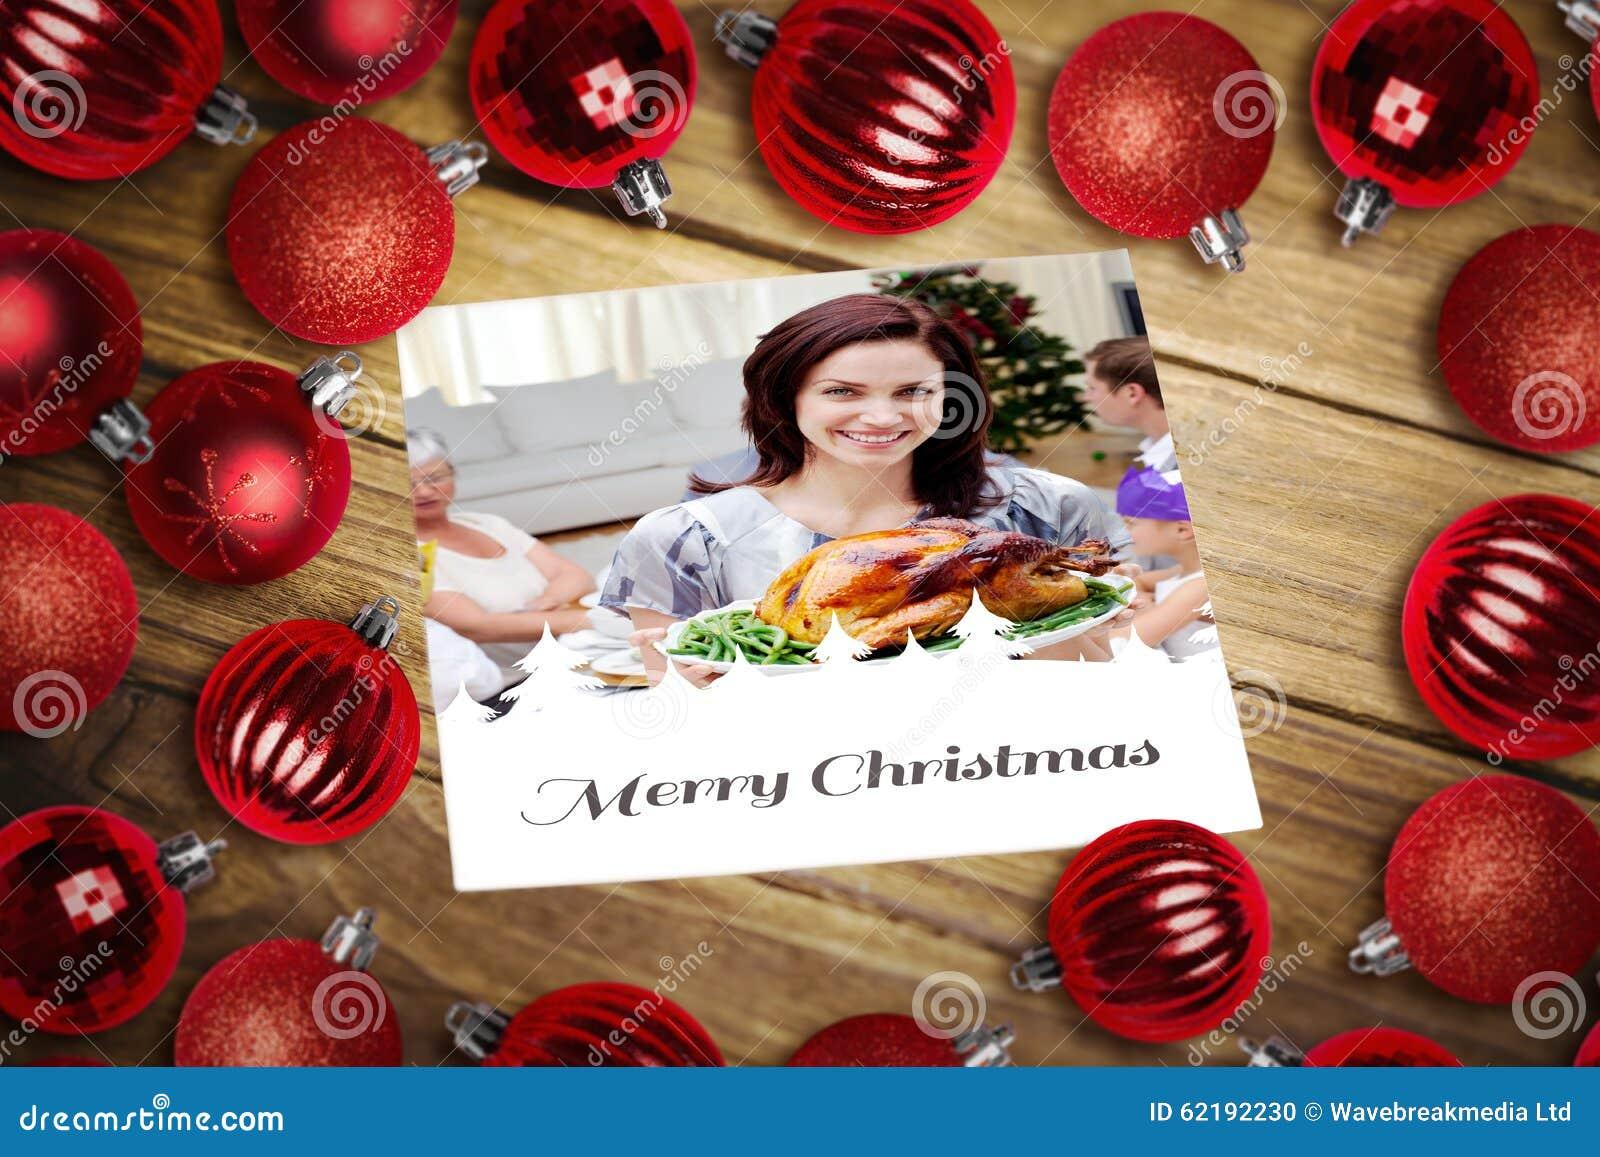 Σύνθετη εικόνα των μπιχλιμπιδιών Χριστουγέννων στον πίνακα